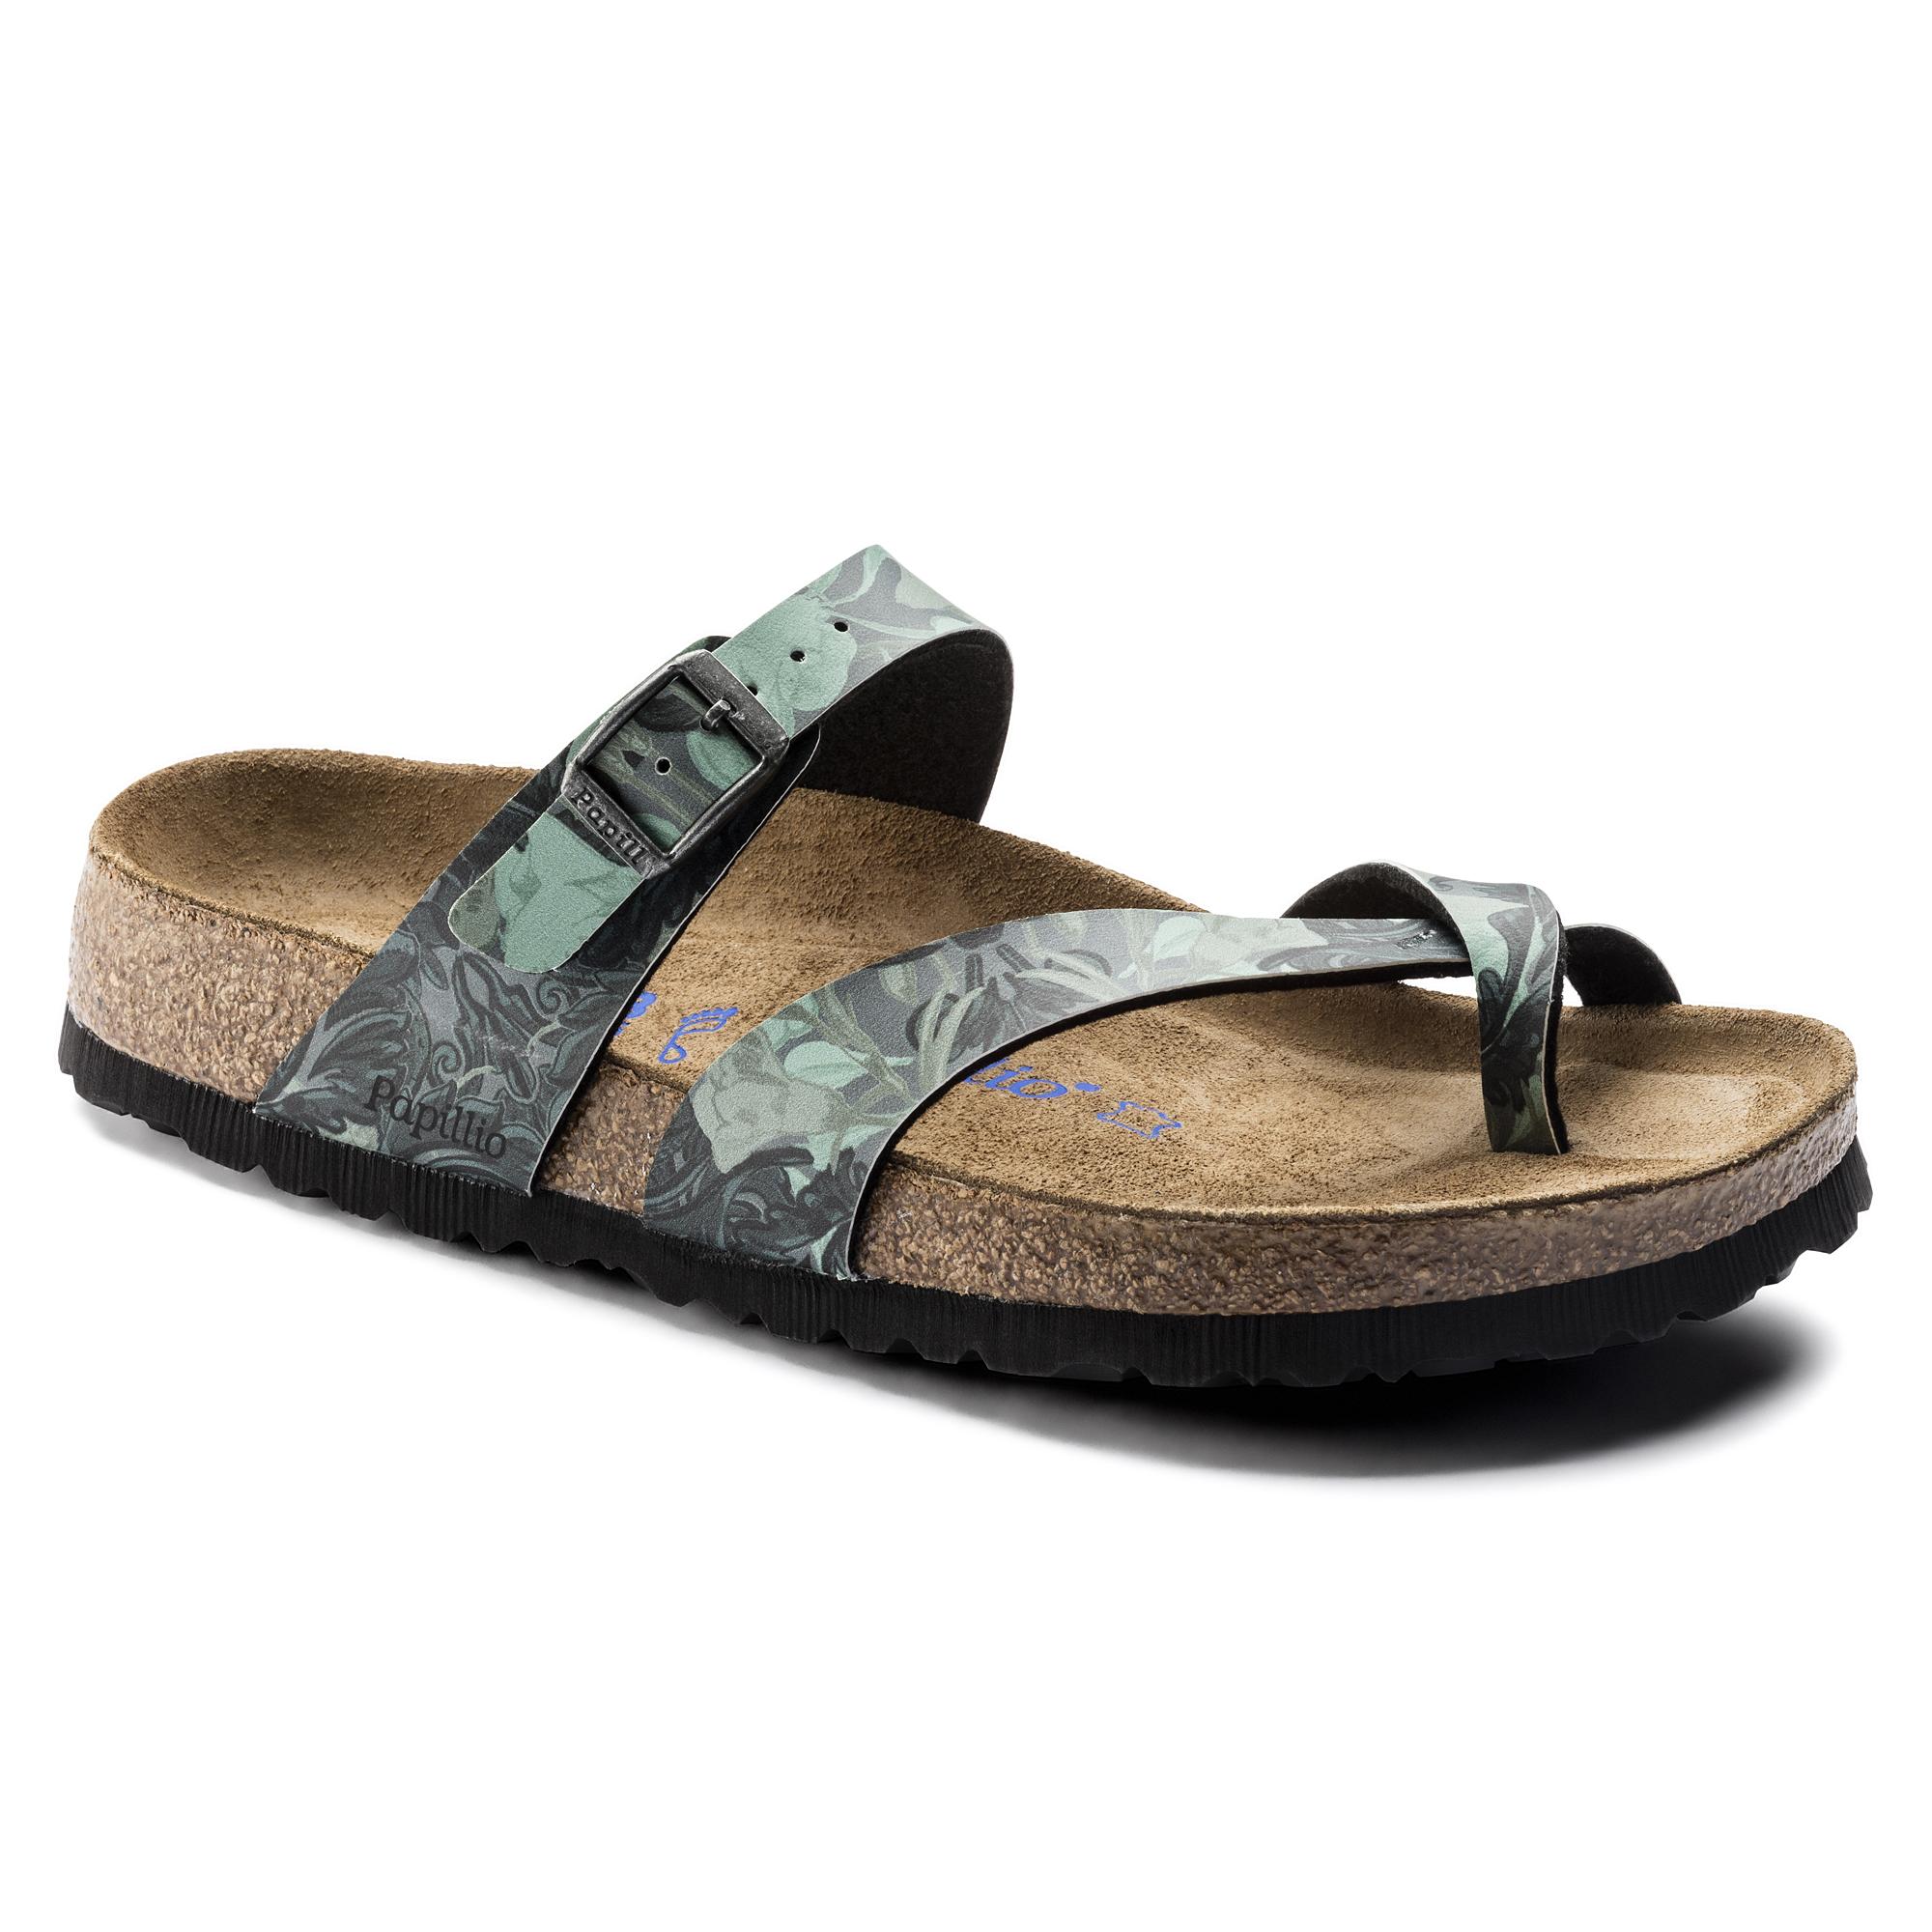 Essence De Couleur Papillio Chaussures Tabora RKSwgw1SXt